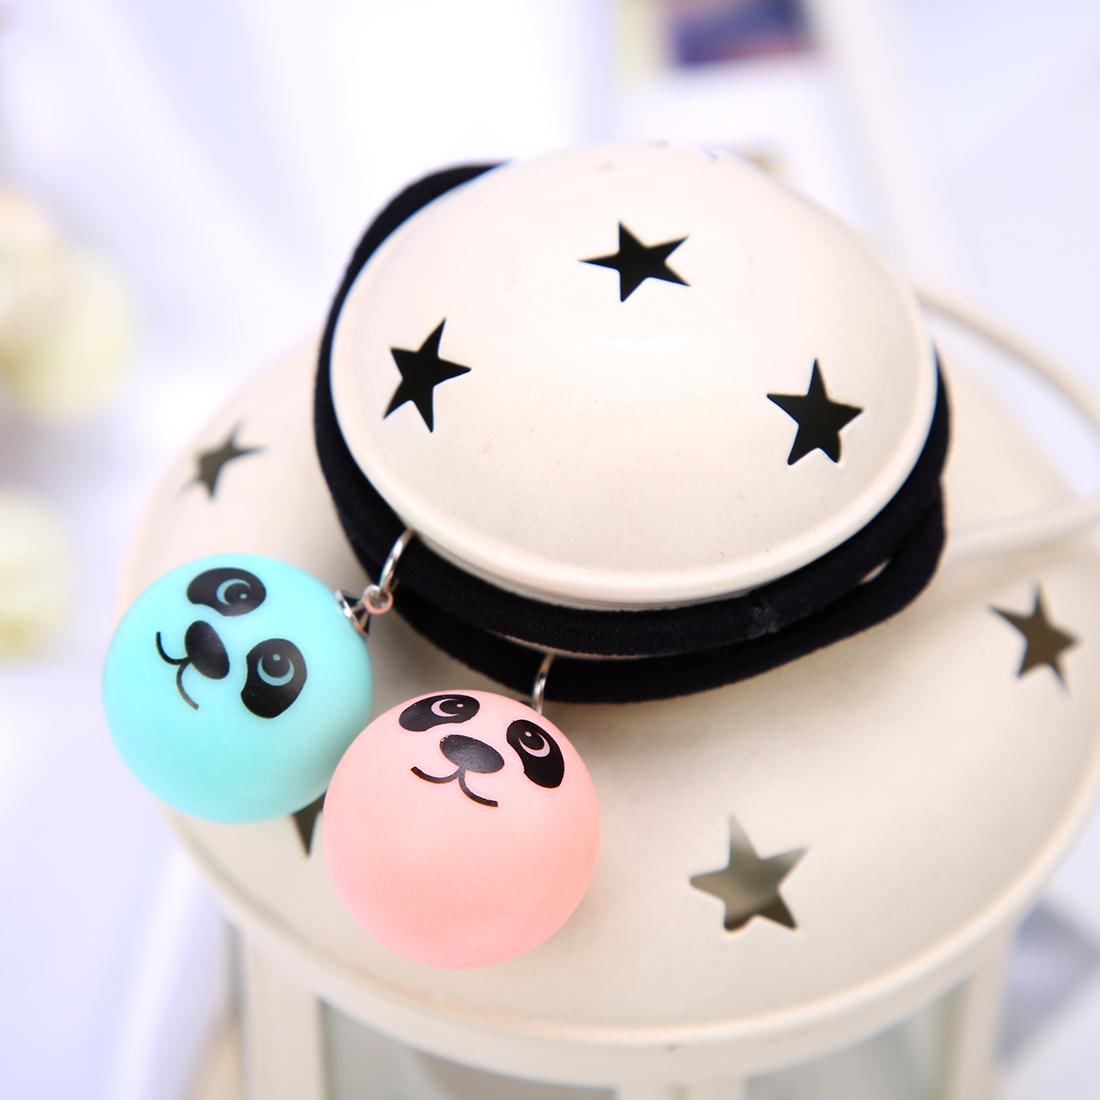 韩版小黄球可爱笑脸爱心表情头发绳饰品眨眼睛涂鸦筋